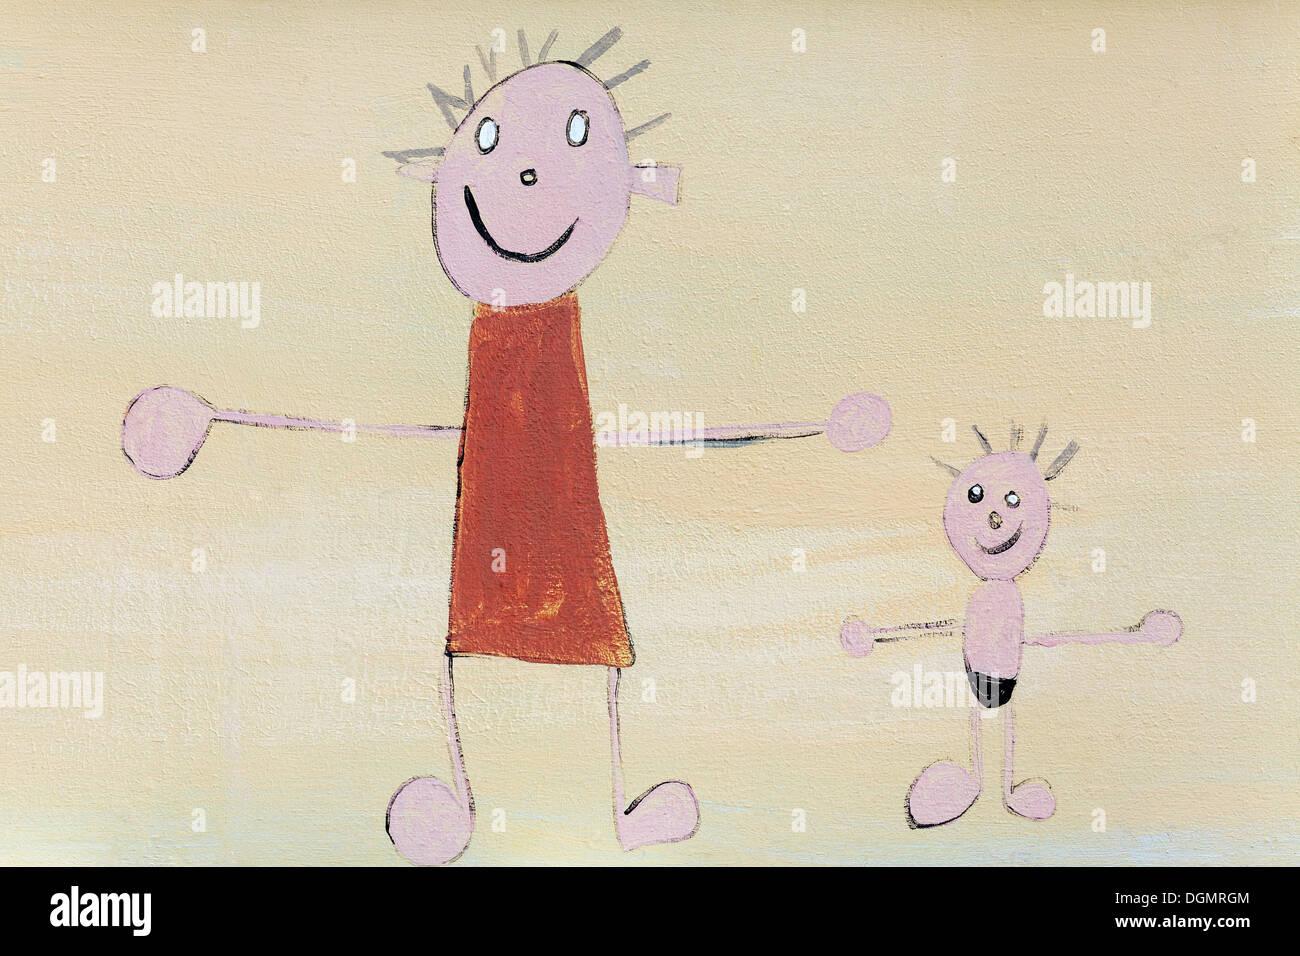 Costumi Da Bagno Per Bambini : La madre in un vestito e un figlio in costume da bagno di disegno